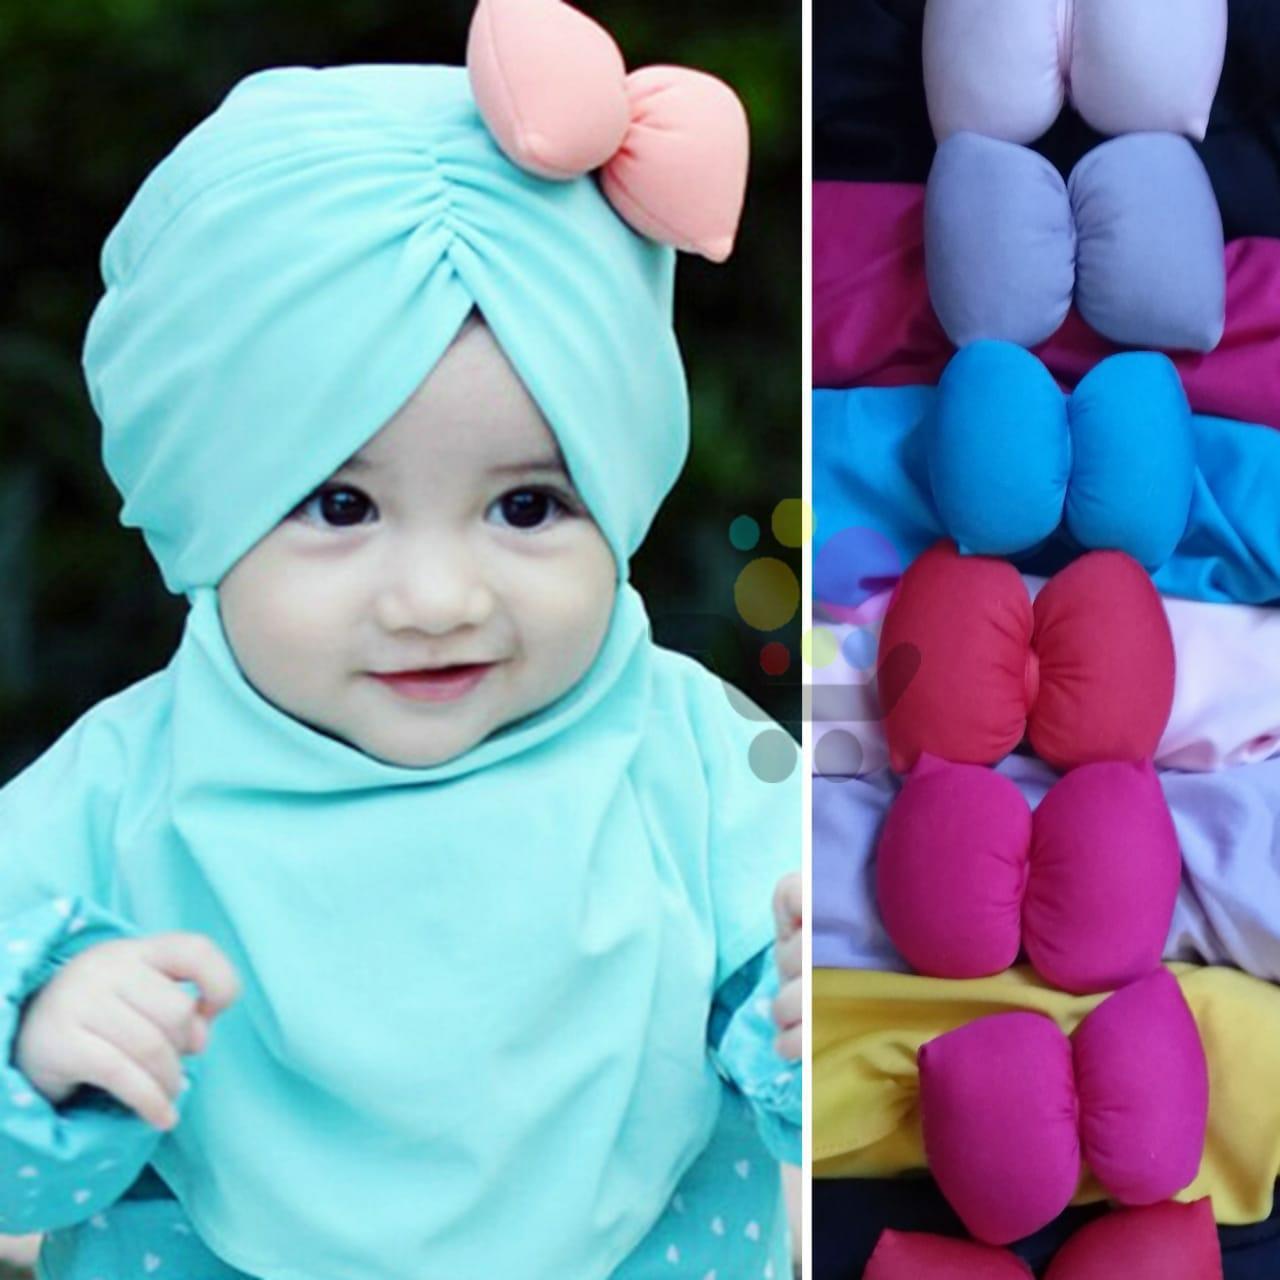 GROSIR 3 Kerudung Anak Bayi PITA SAMP[ING / Jilbab Anak Bayi / Jilbab Bayi